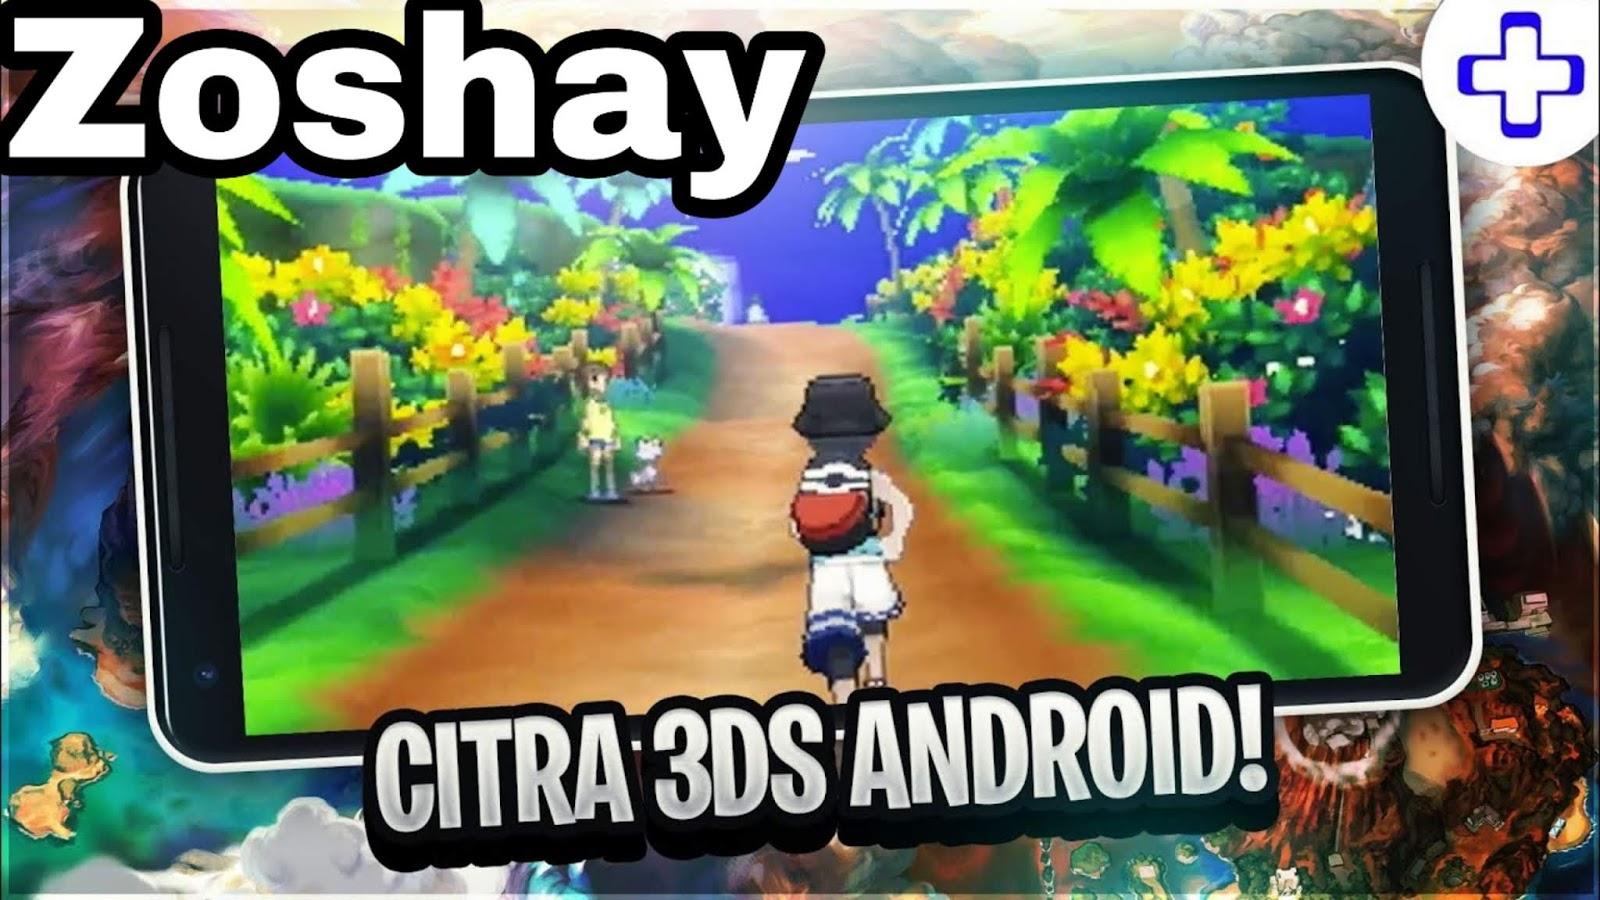 تحميل محاكي Citra 3ds Emulator للاندرويد